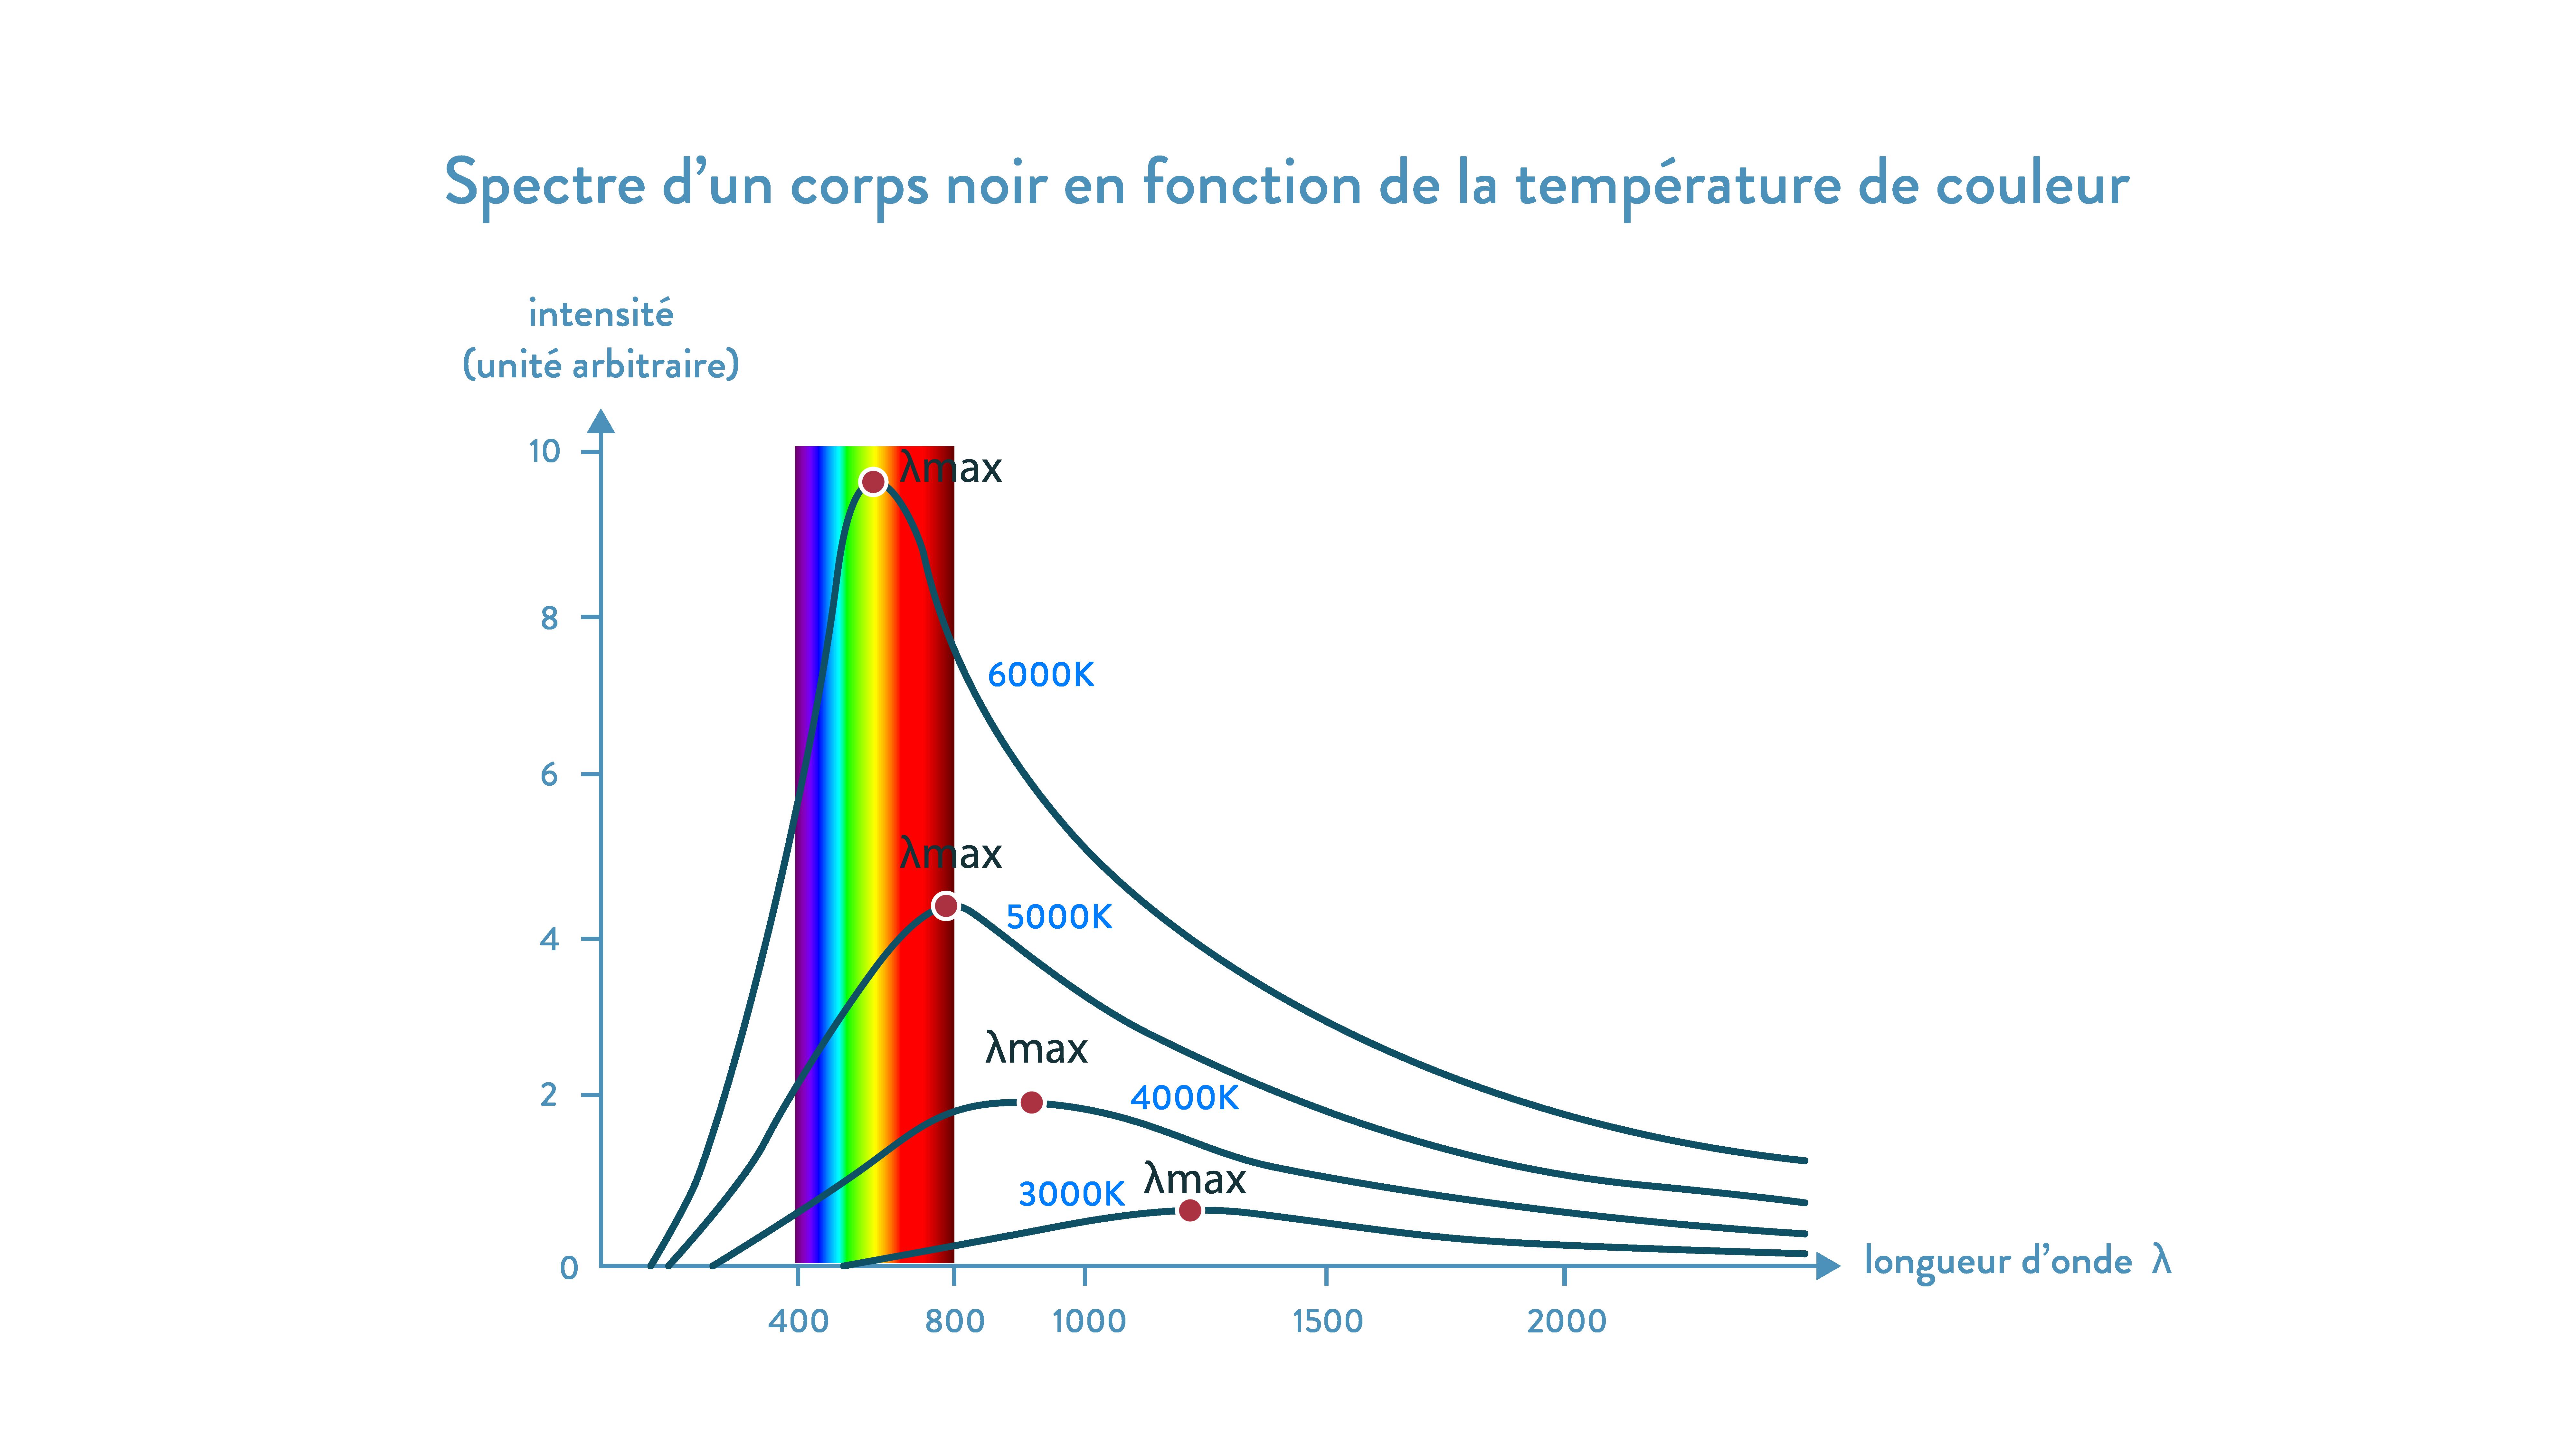 Longueur d'ondes lumineuses émises en fonction de la température 2nde